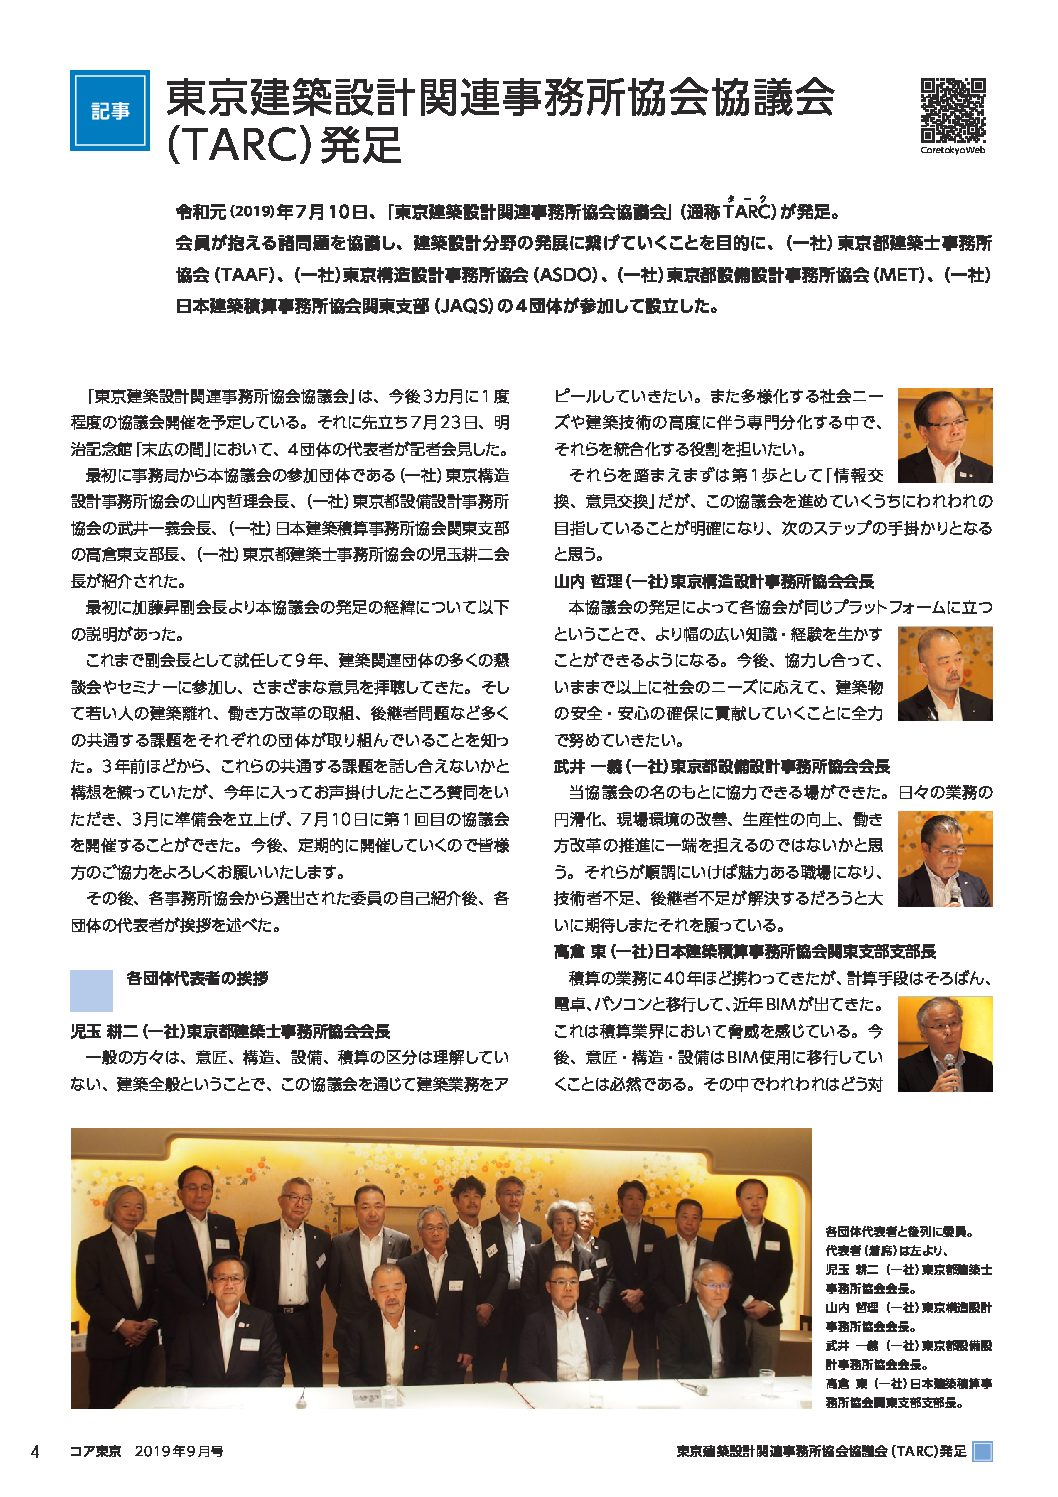 東京建築設計関連事務所協会協議会(TARC)